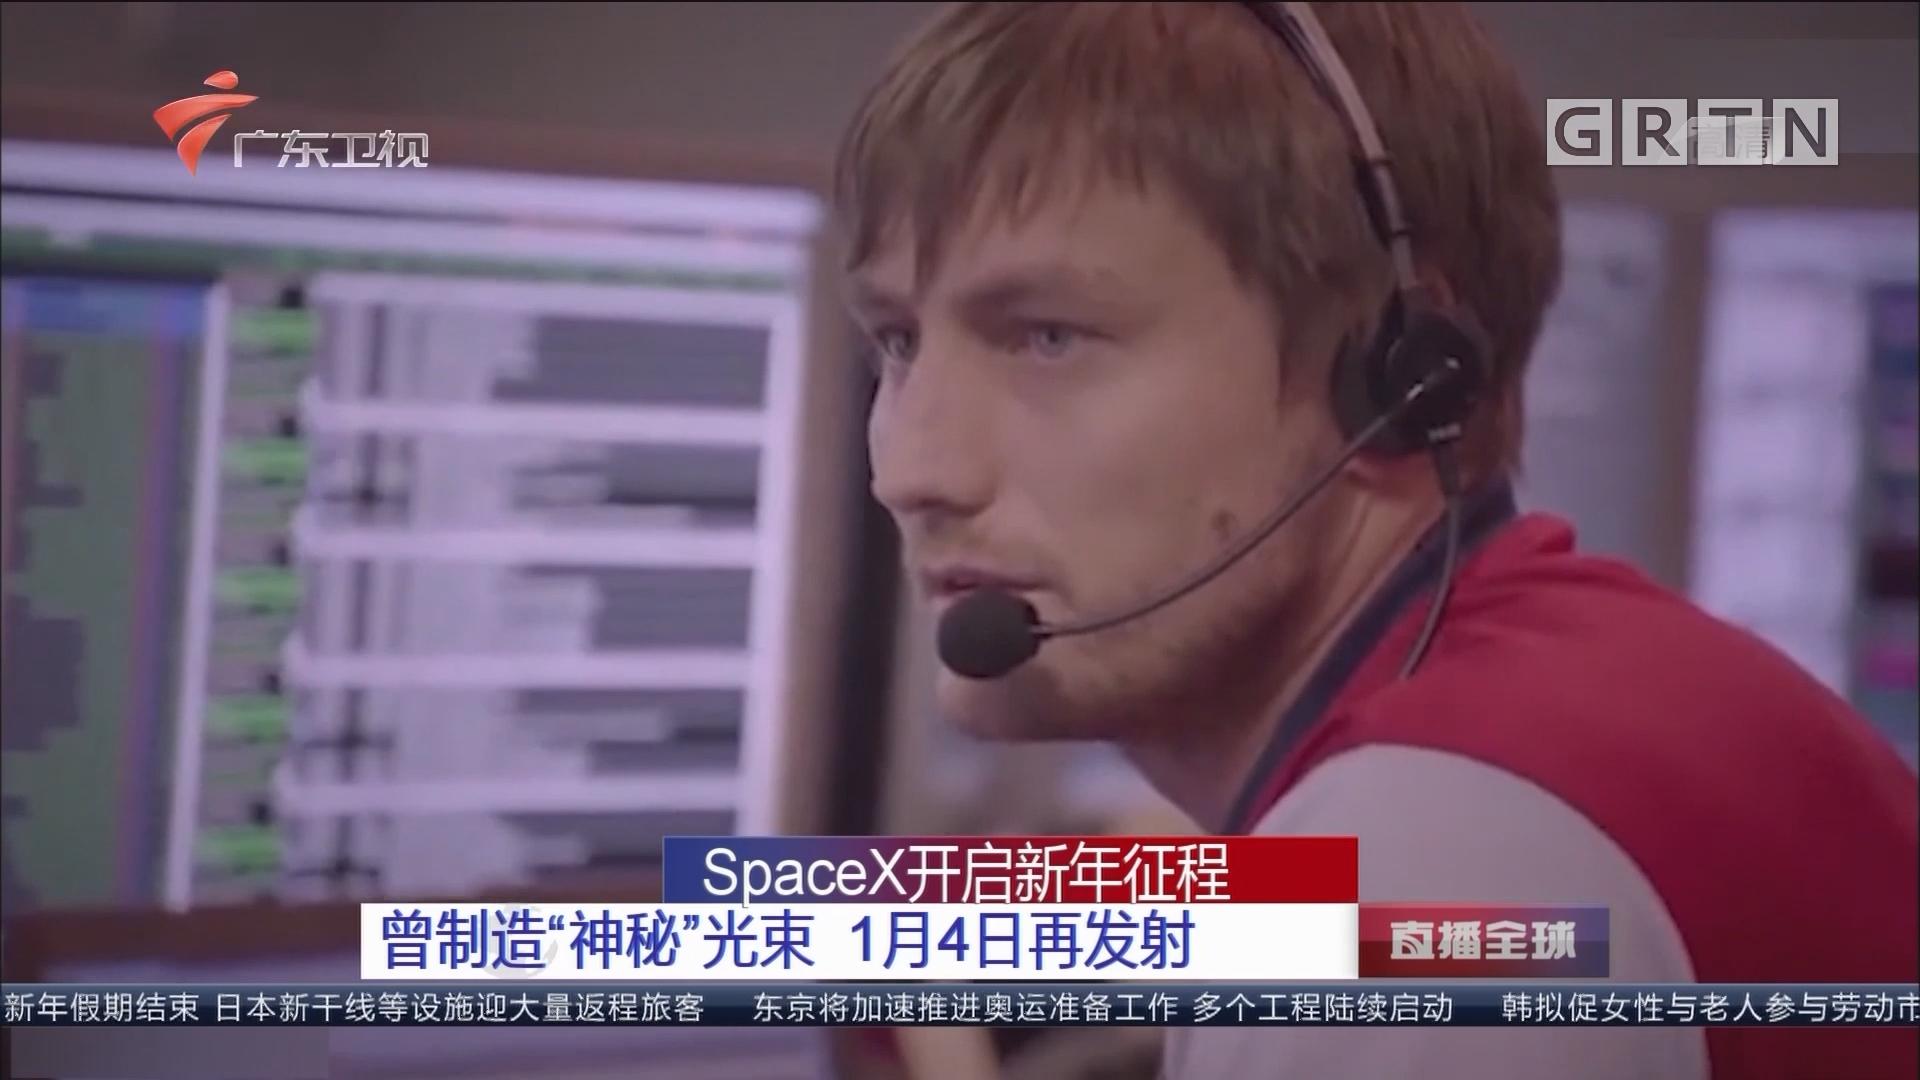 """SpaceX开启新年征程:曾制造""""神秘光束"""" 1月4日再发射"""